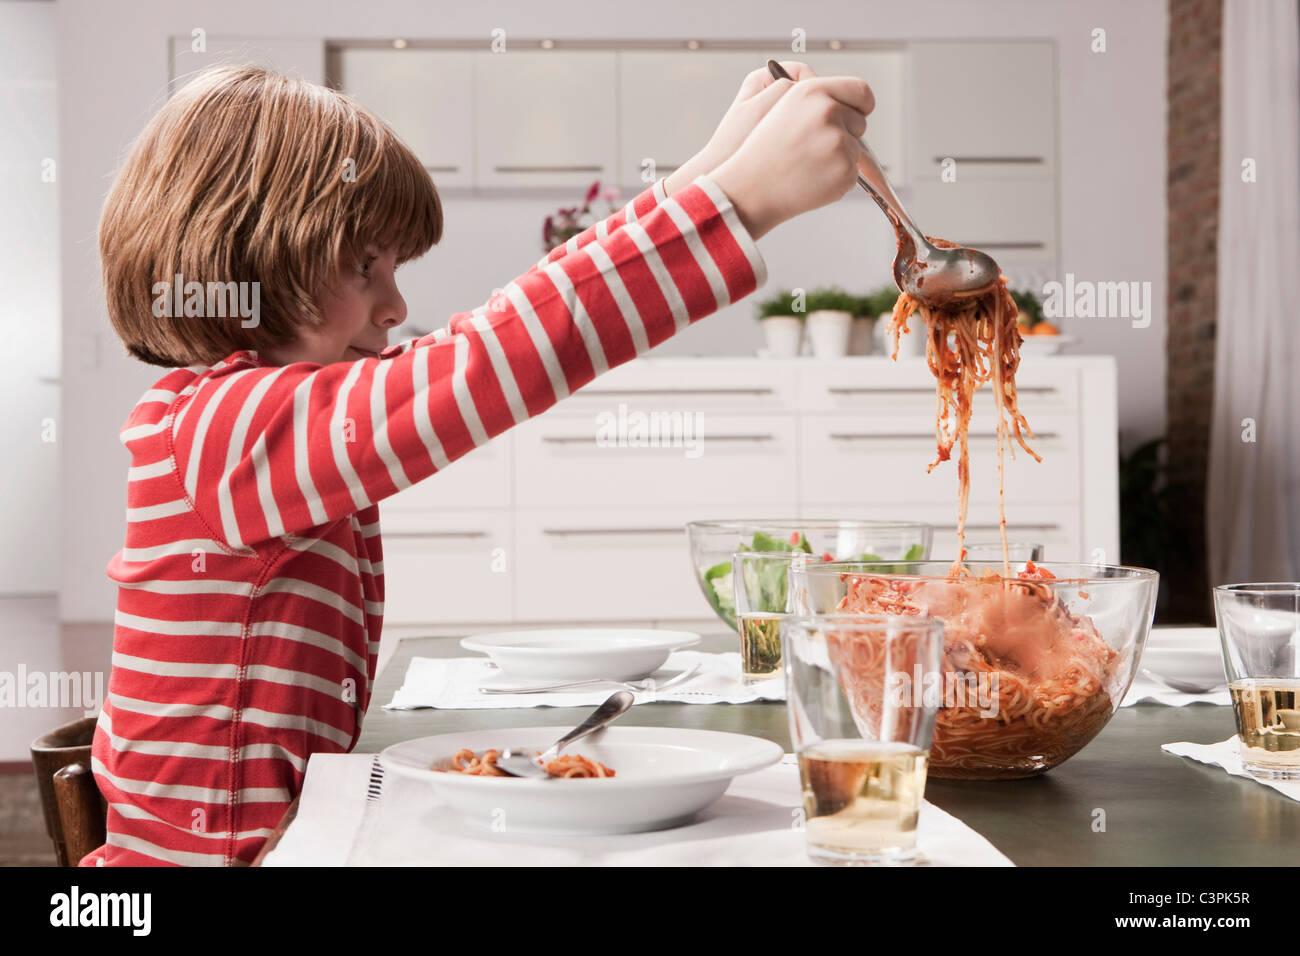 Deutschland, Köln, Boy (6-7) Portion Spaghetti, Seitenansicht Stockbild